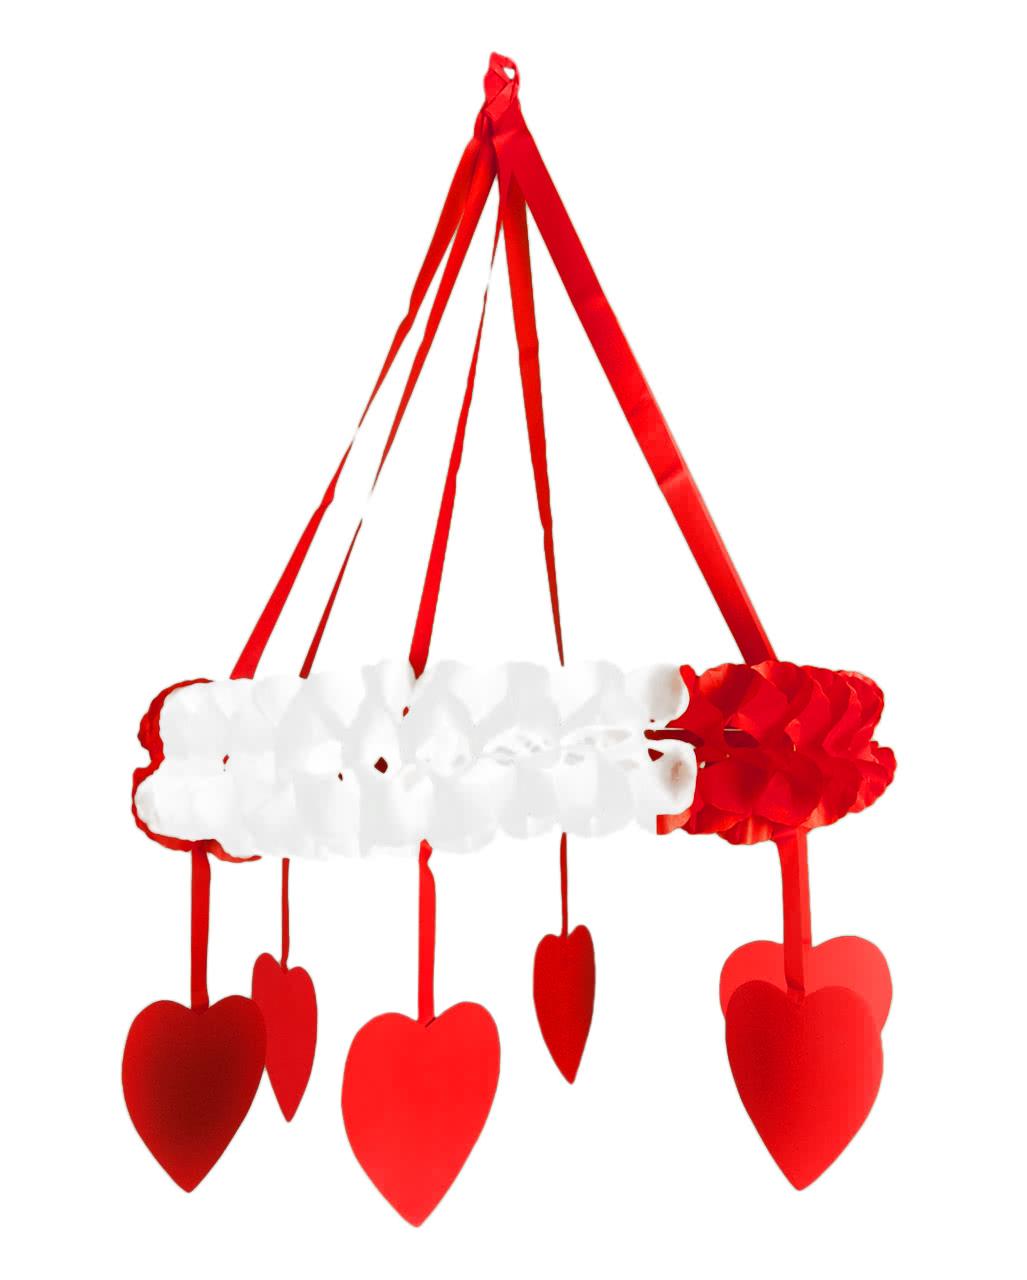 rot wei e herz girlande als kranz kranz dekoration f r hochzeiten karneval universe. Black Bedroom Furniture Sets. Home Design Ideas